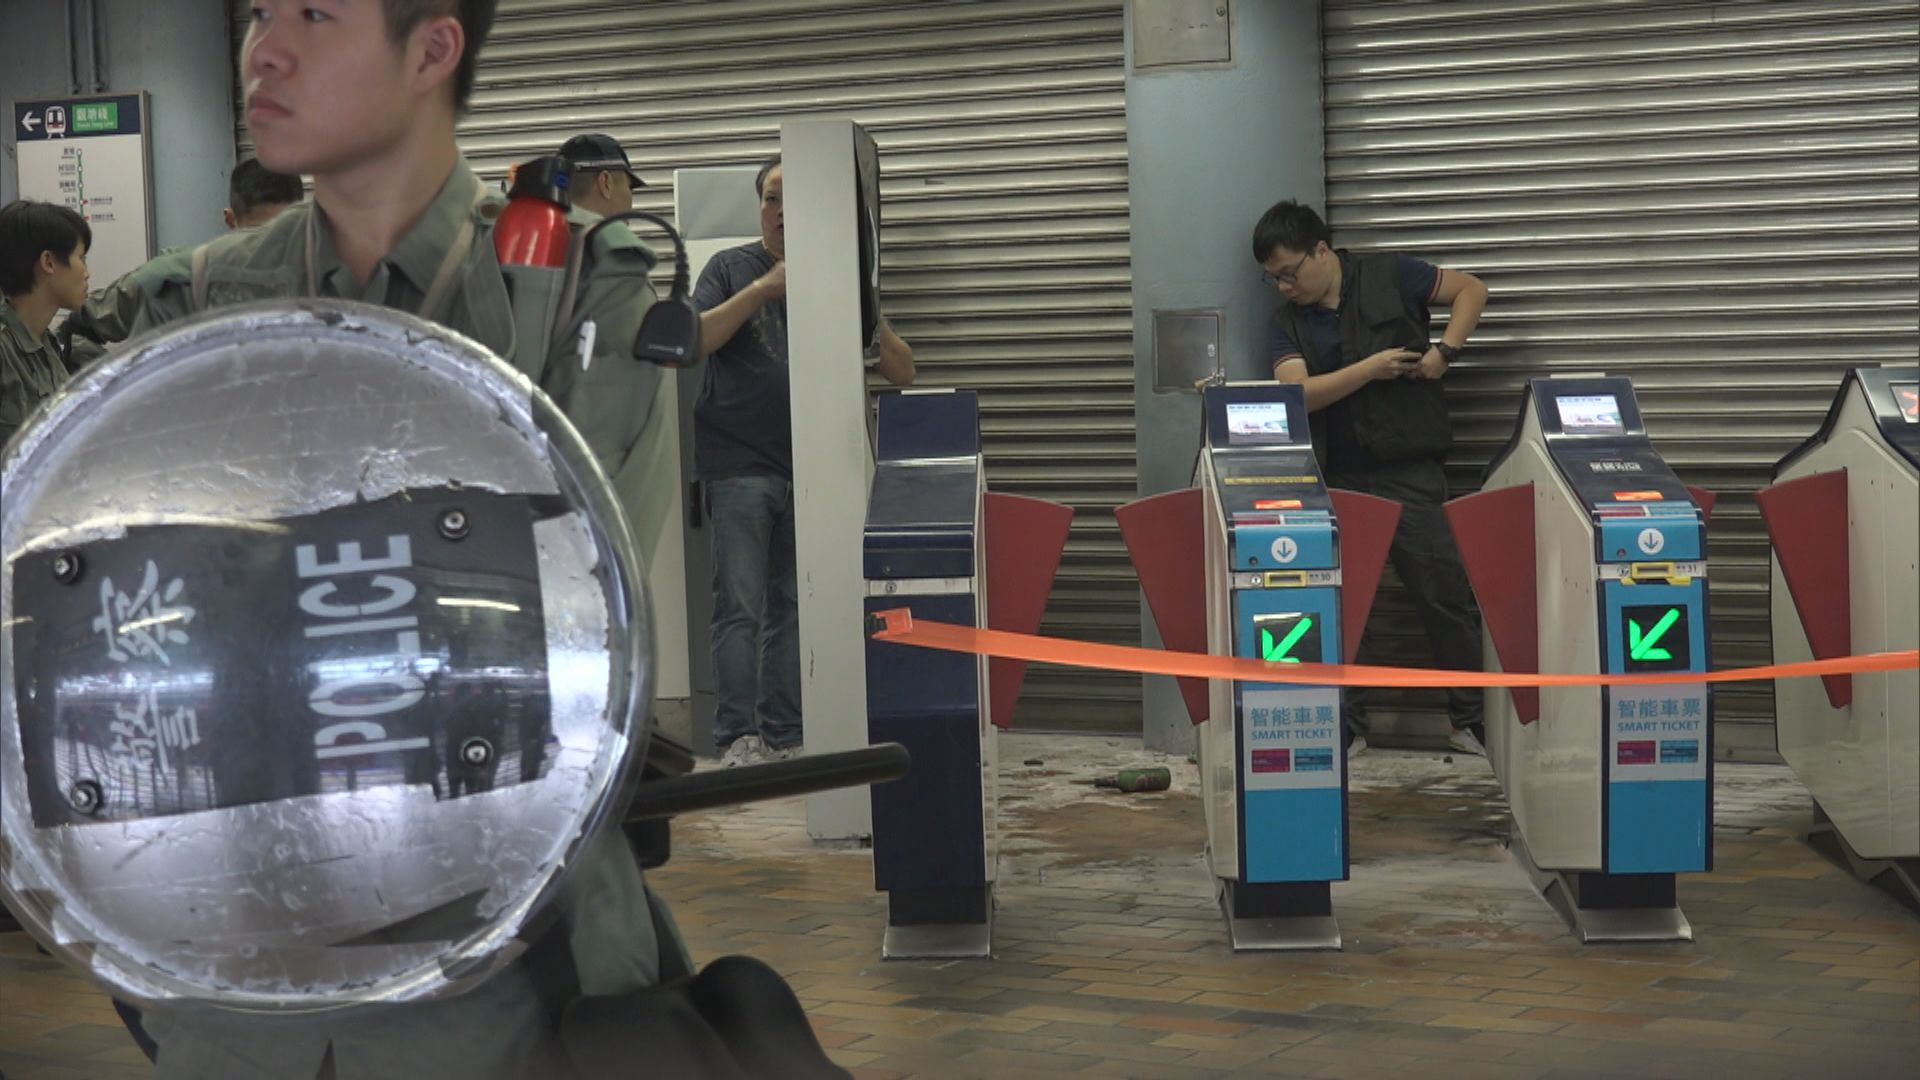 警方正調查九龍塘站遭投擲汽油彈事件